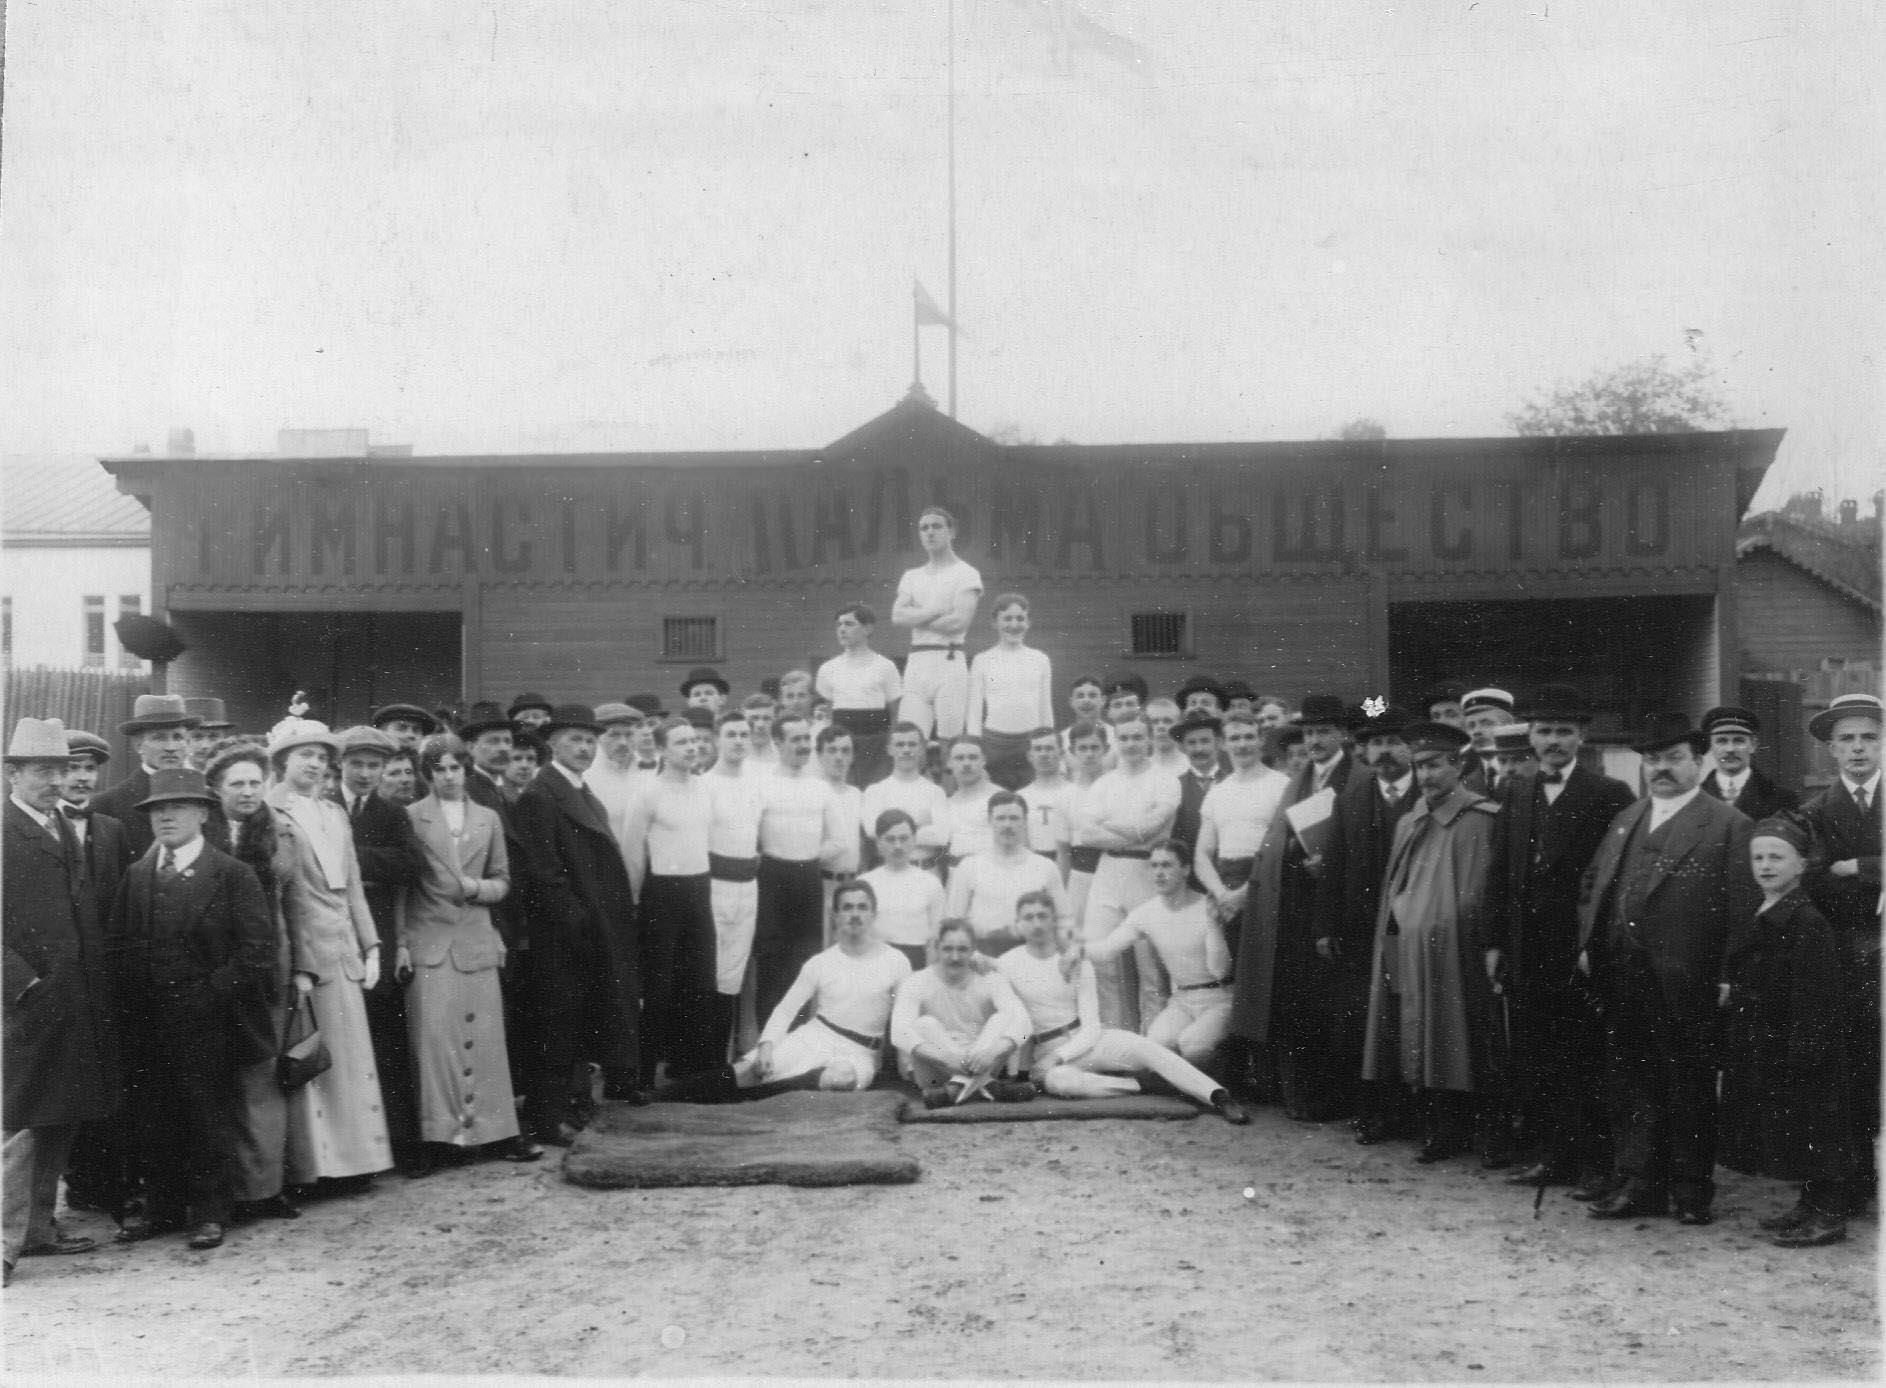 Группа членов гимнастического общества «Пальма» и приглашенных гостей в зале по окончании соревнований